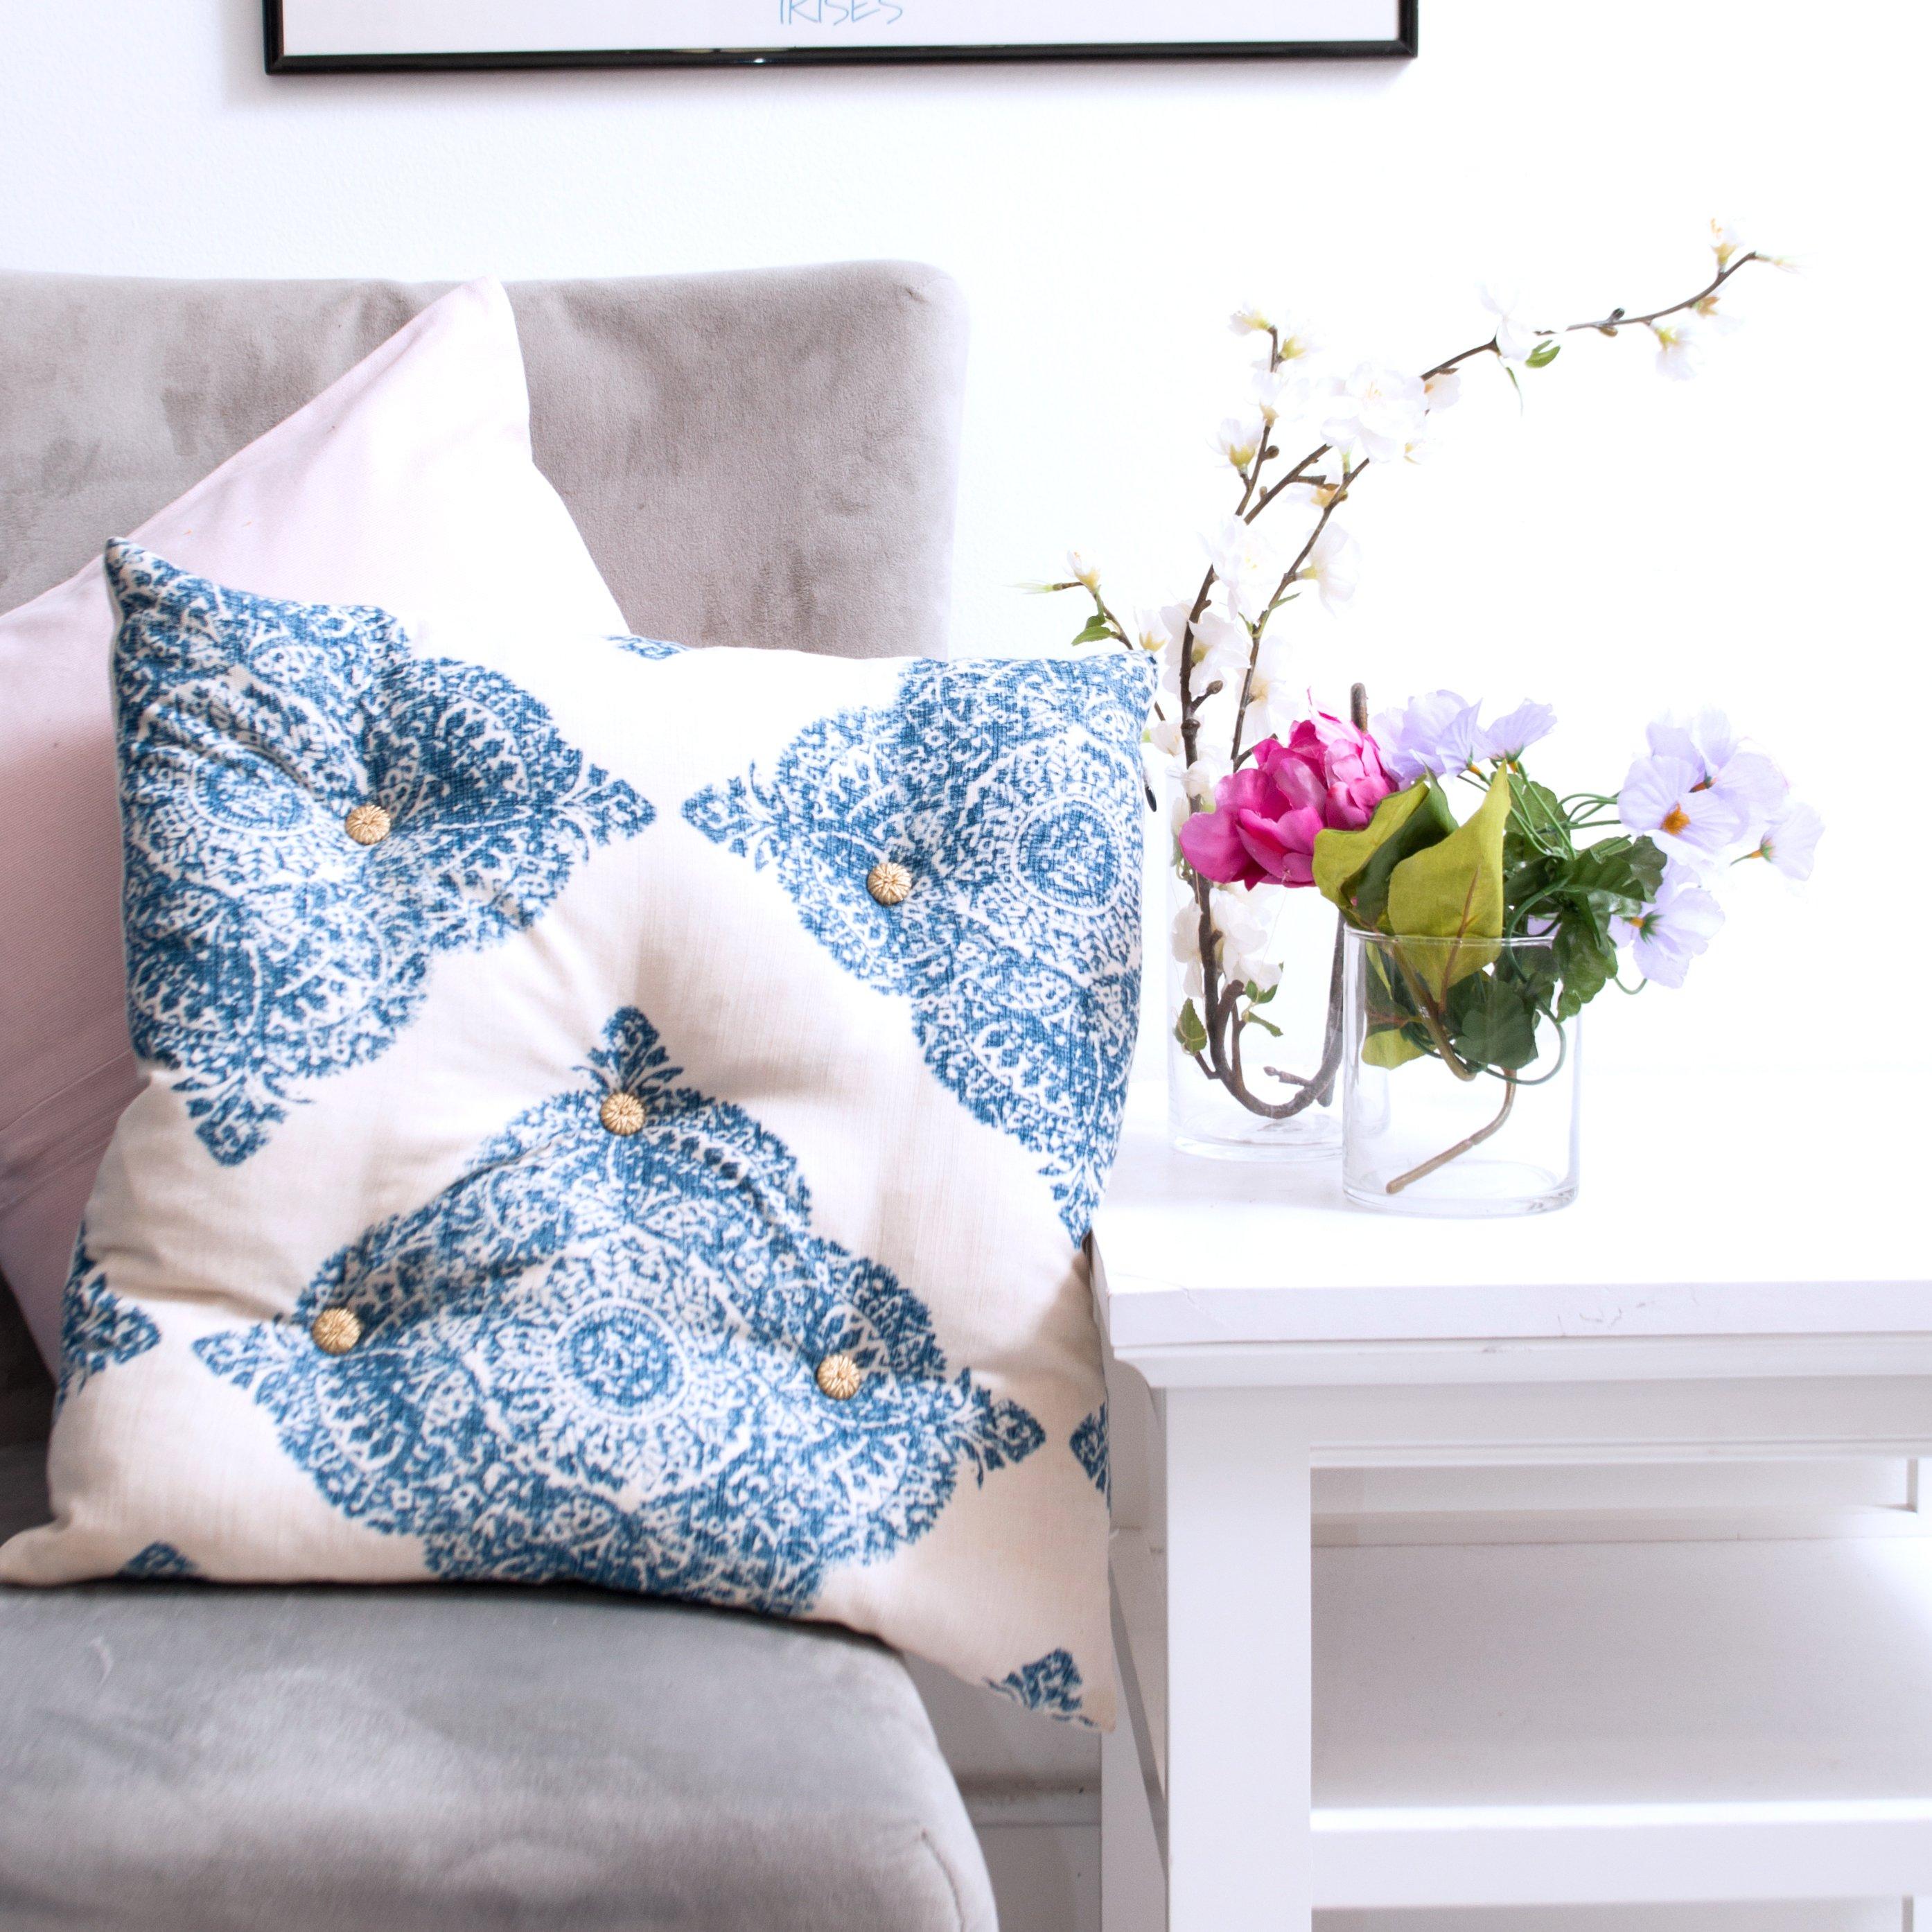 Diy Tufted Throw Pillow : DIY: Tufted Pillow ? M&J Blog